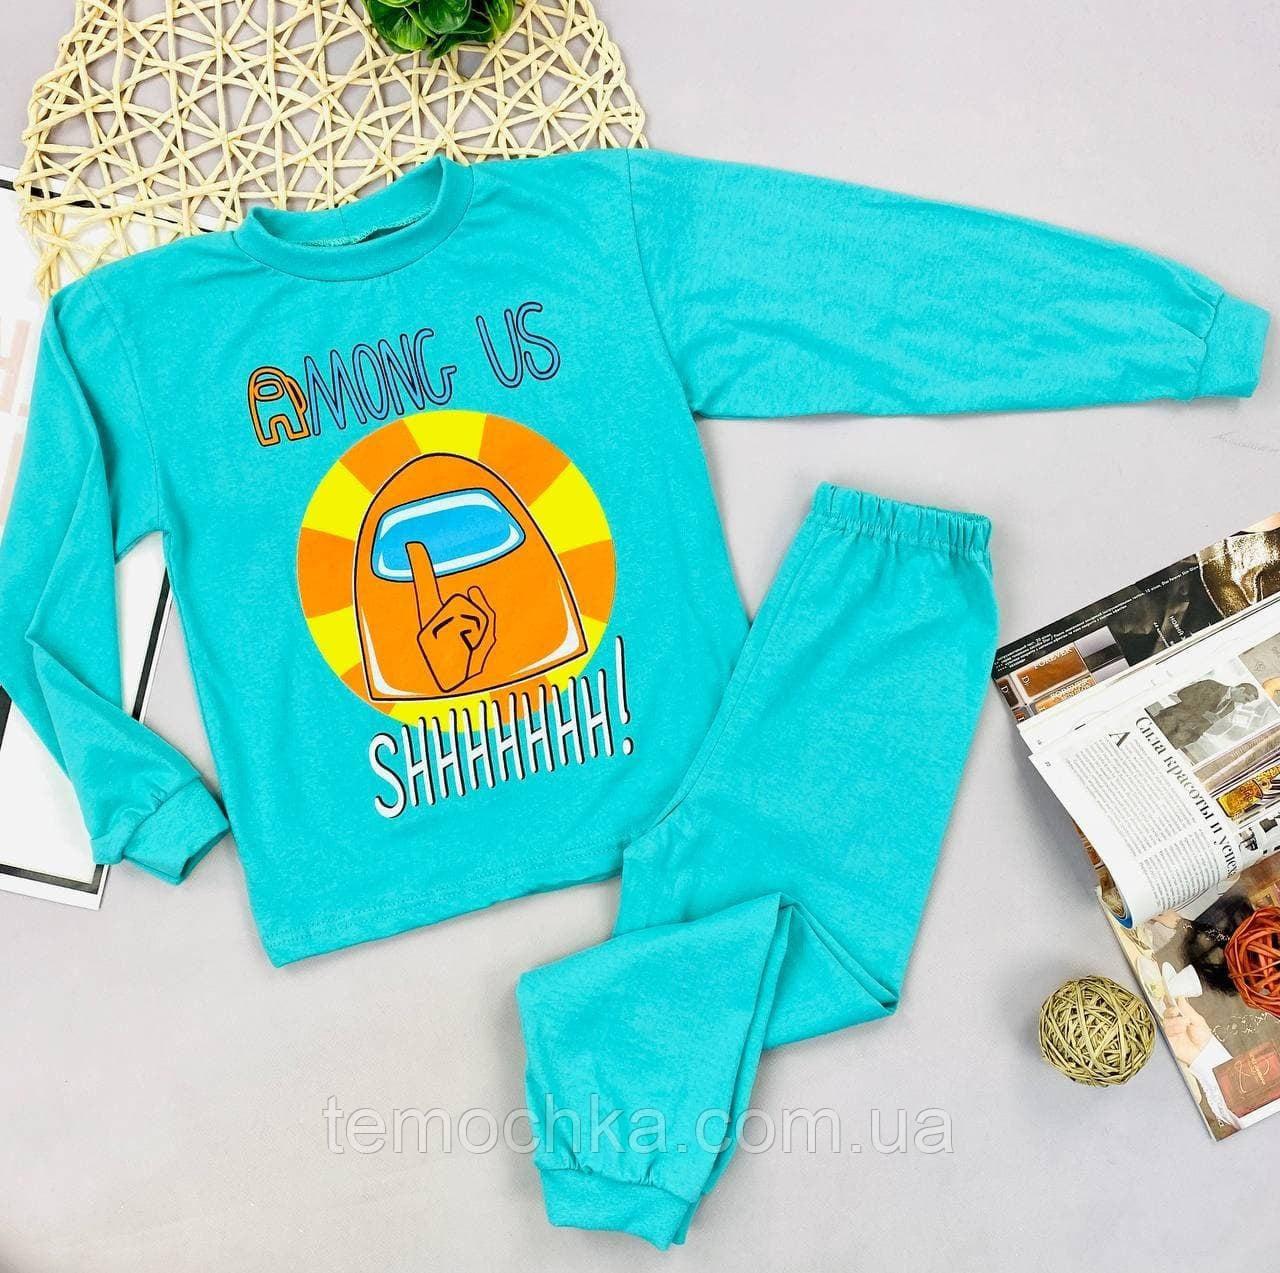 Піжама дитяча для хлопчика або дівчинки Амонг Ас